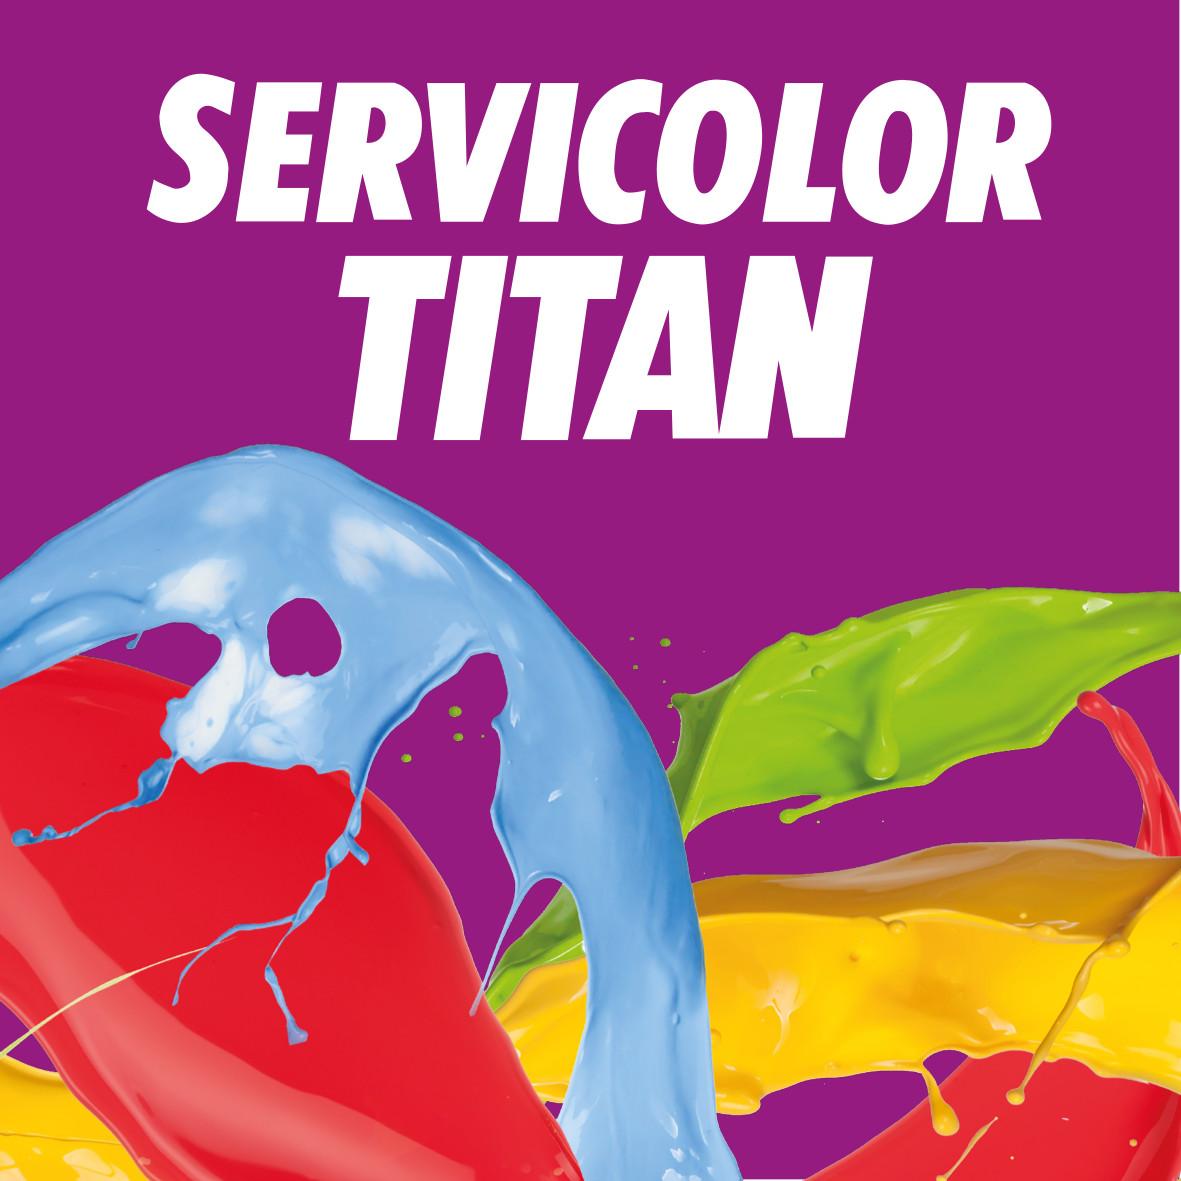 TITANIT DECORACIÓN BASE SERVICOLOR SISTEMA 2000